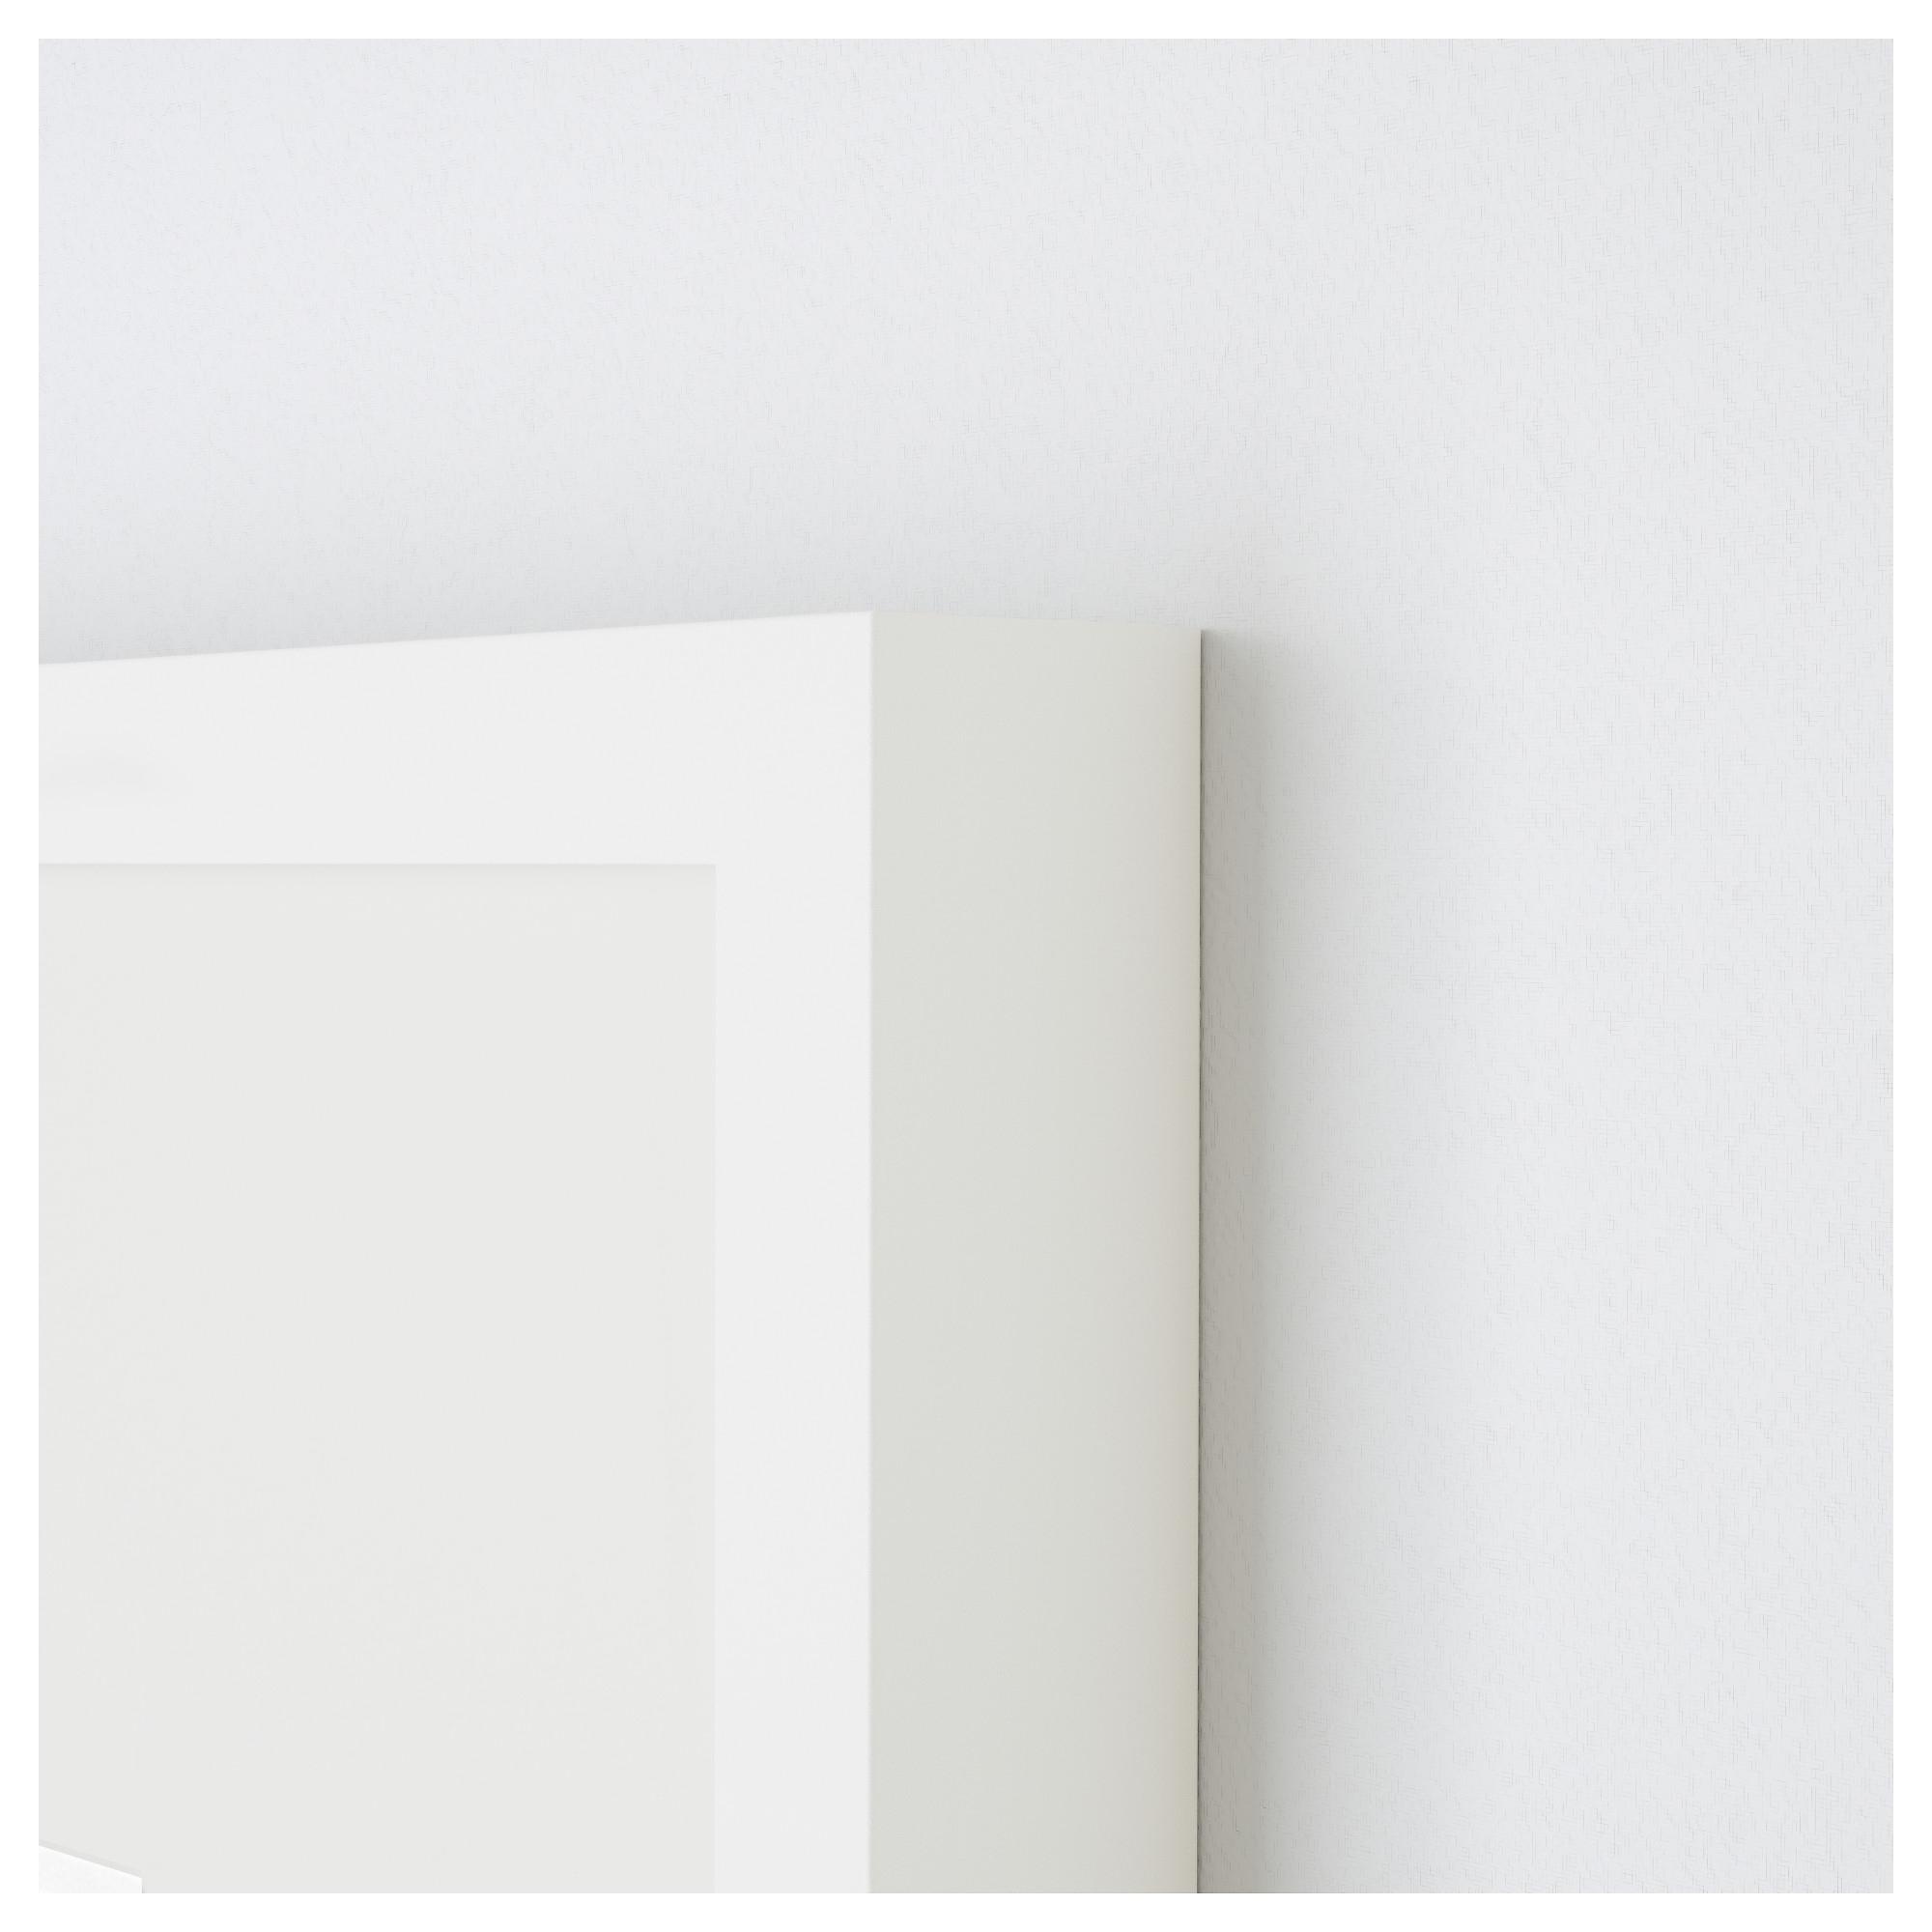 ikea ribba bilderrahmen wei rahmen bildrahmen bild 23x23cm rahme 25x25cm ebay. Black Bedroom Furniture Sets. Home Design Ideas